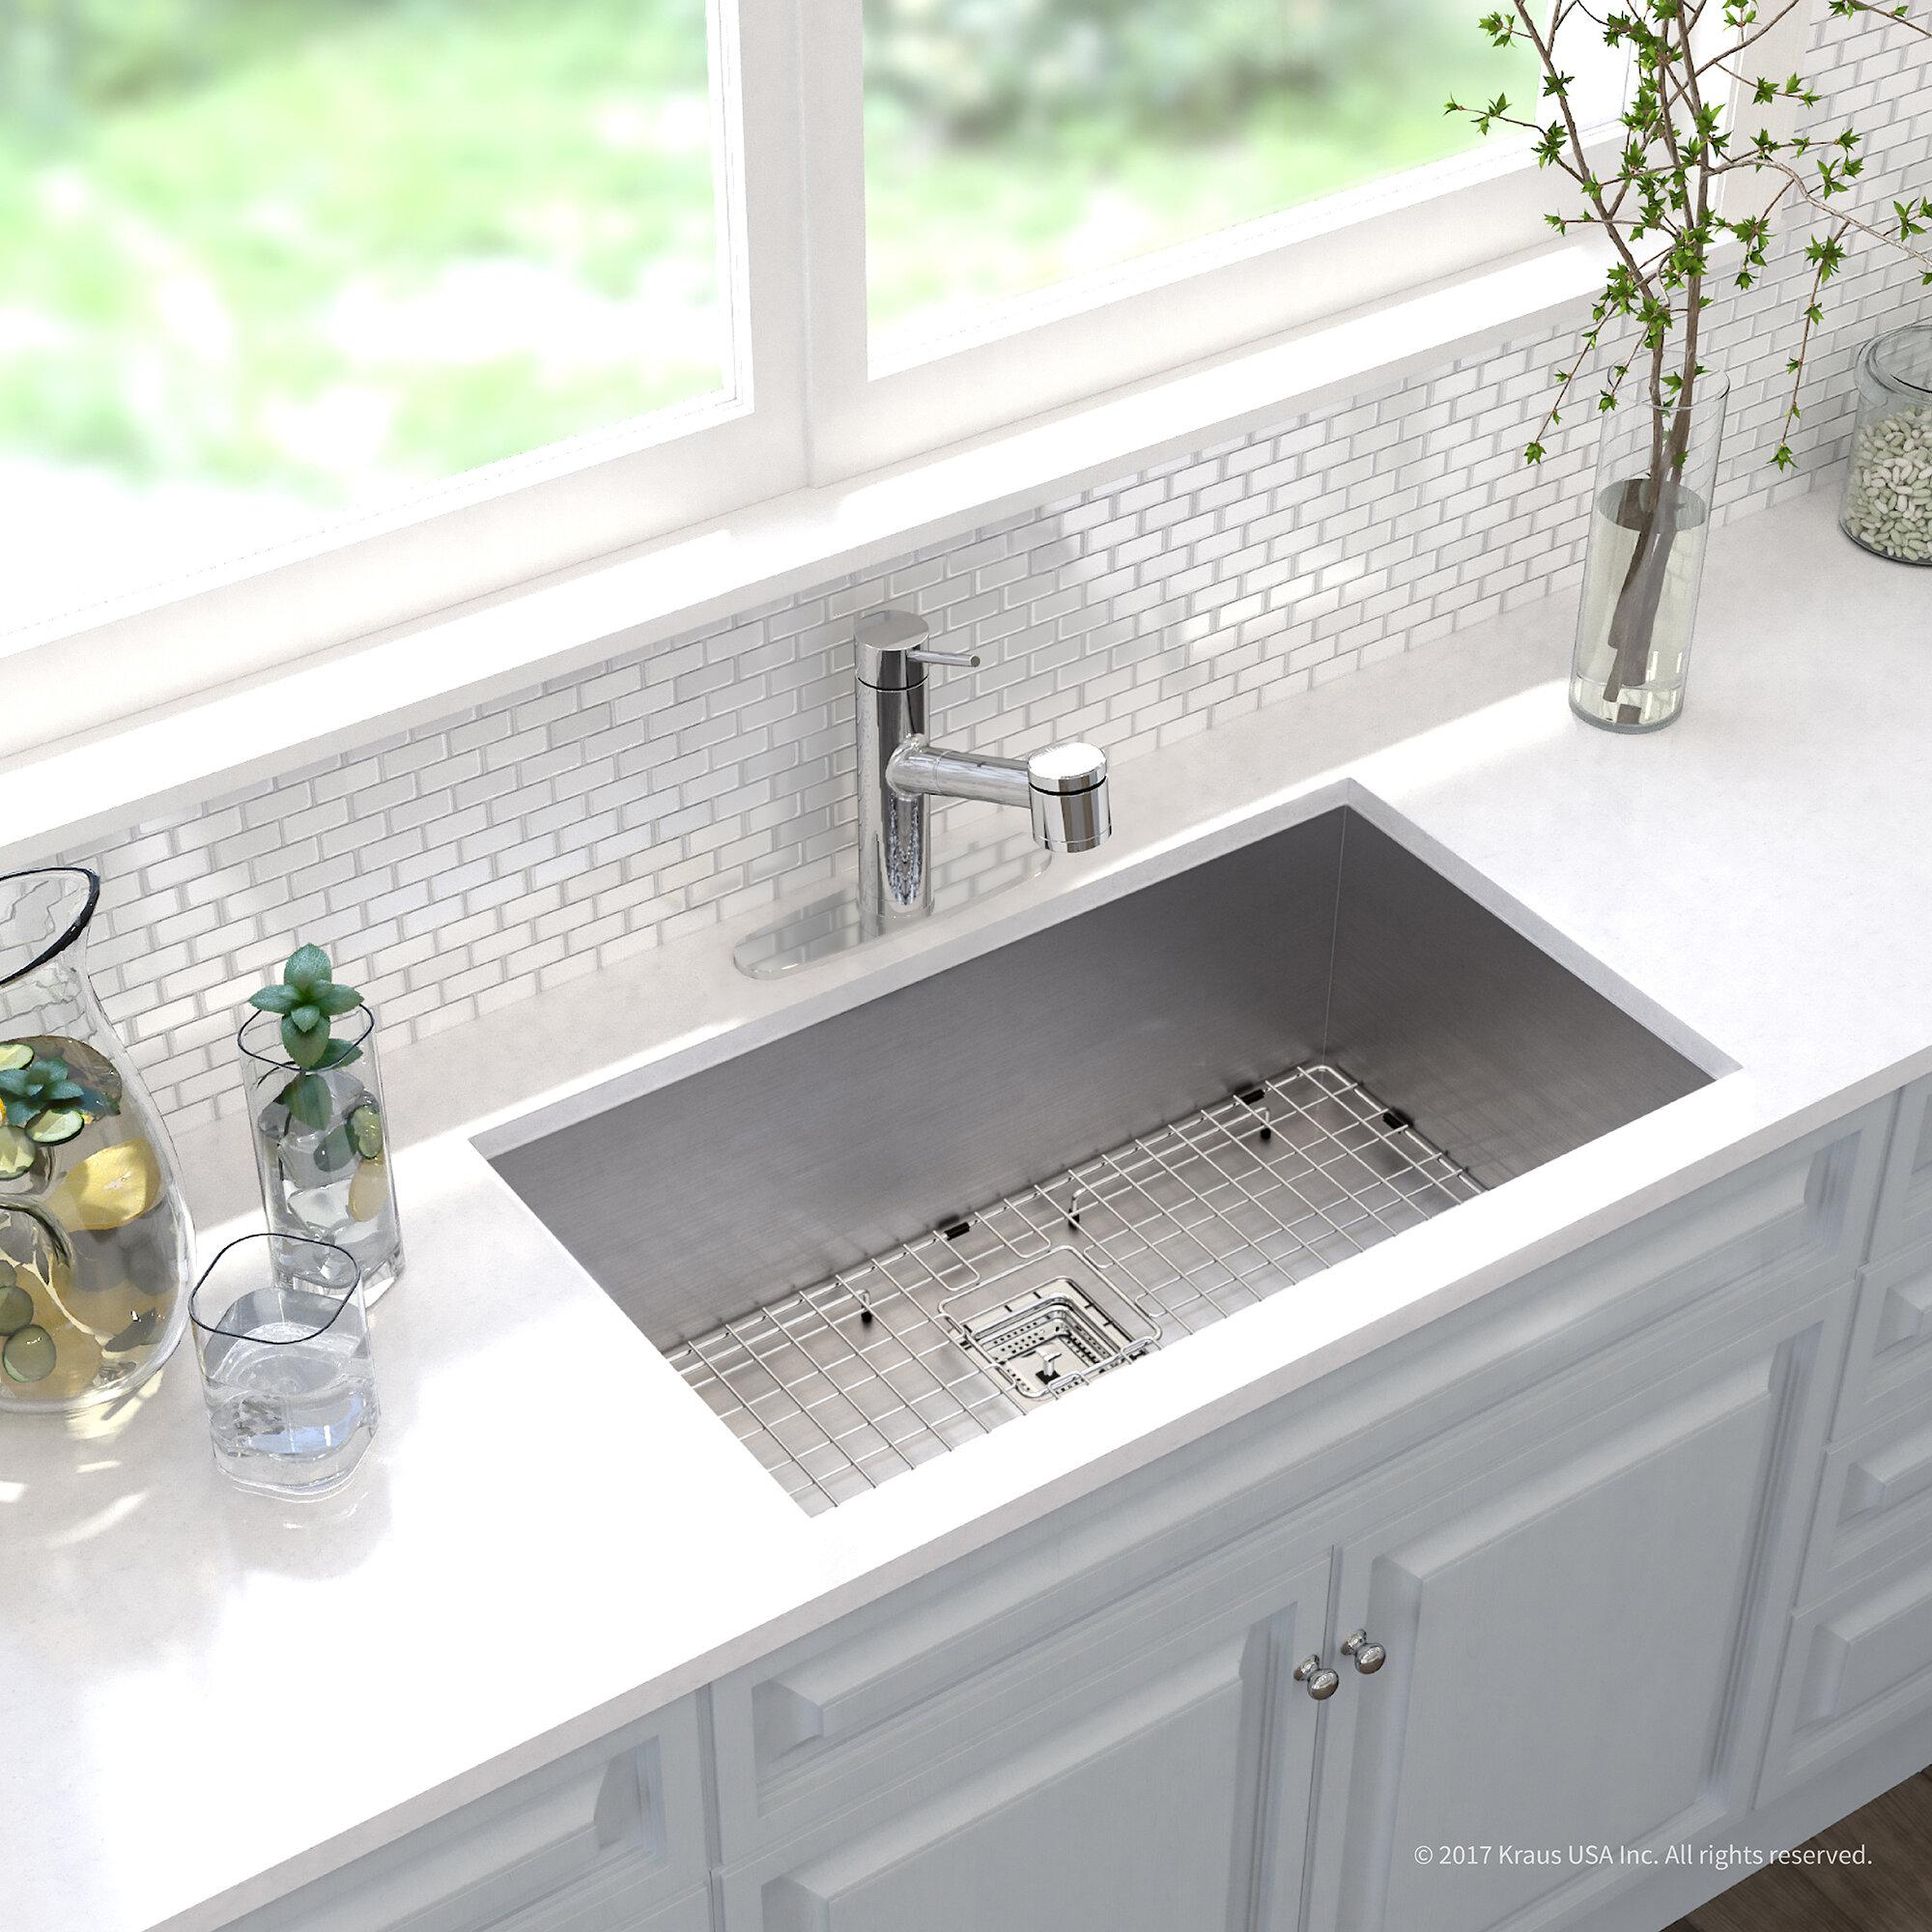 Kraus Pax Zero Radius 16 Gauge Stainless Steel 31 5 X 18 Undermount Kitchen Sink With Faucet Wayfair